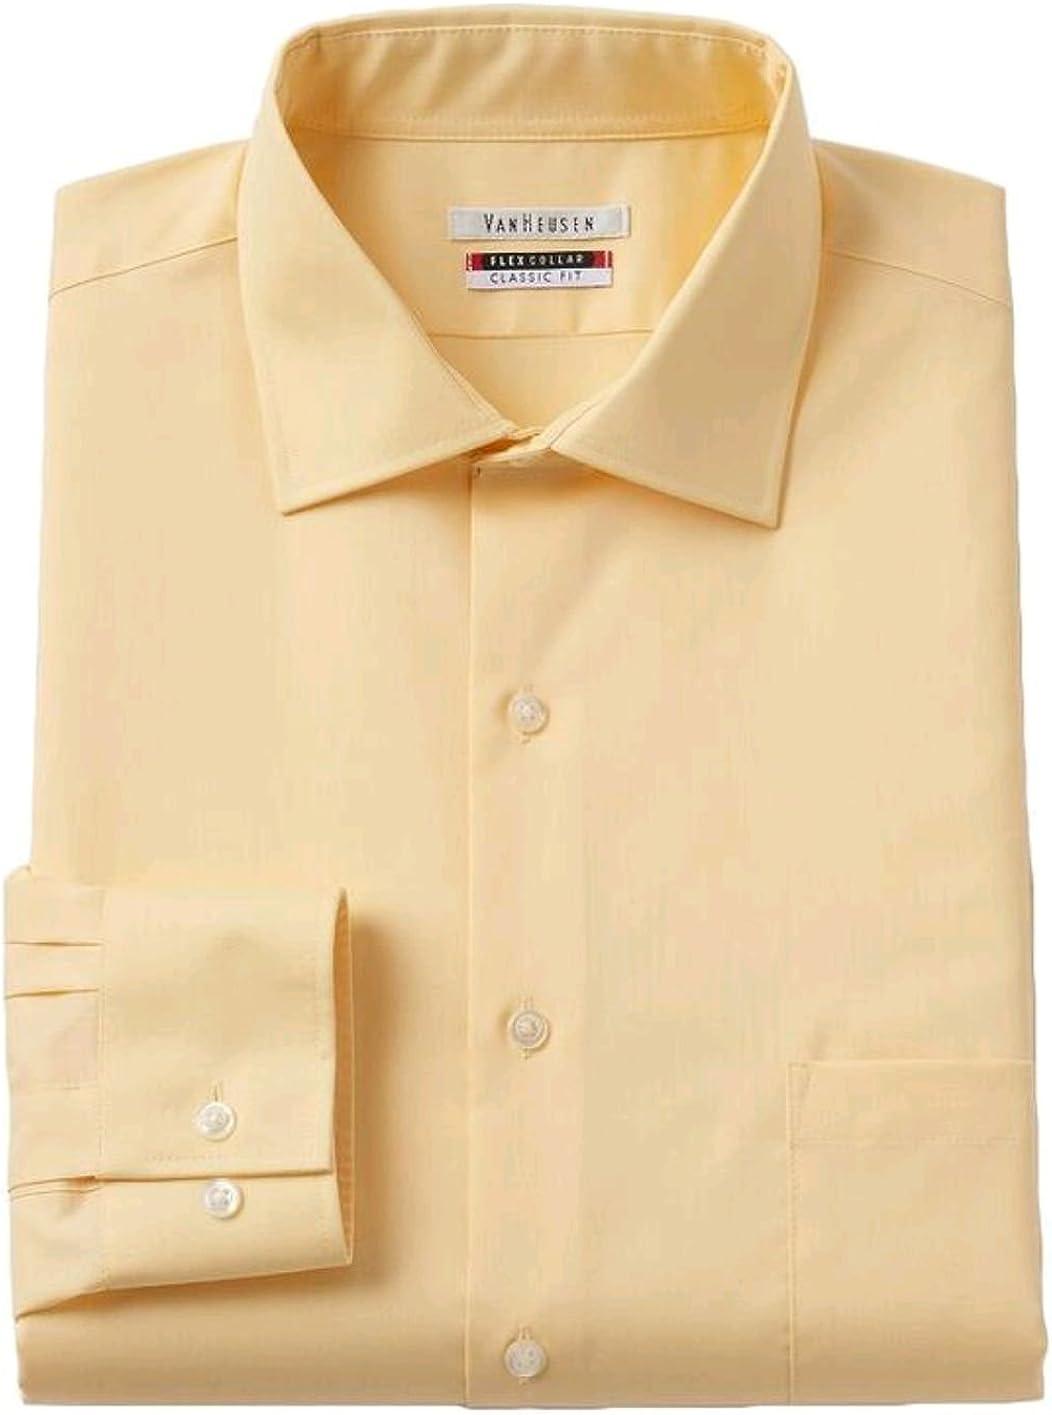 Van Heusen Men's Flex Collar Classic-Fit Solid Dress Shirt, Buttercream